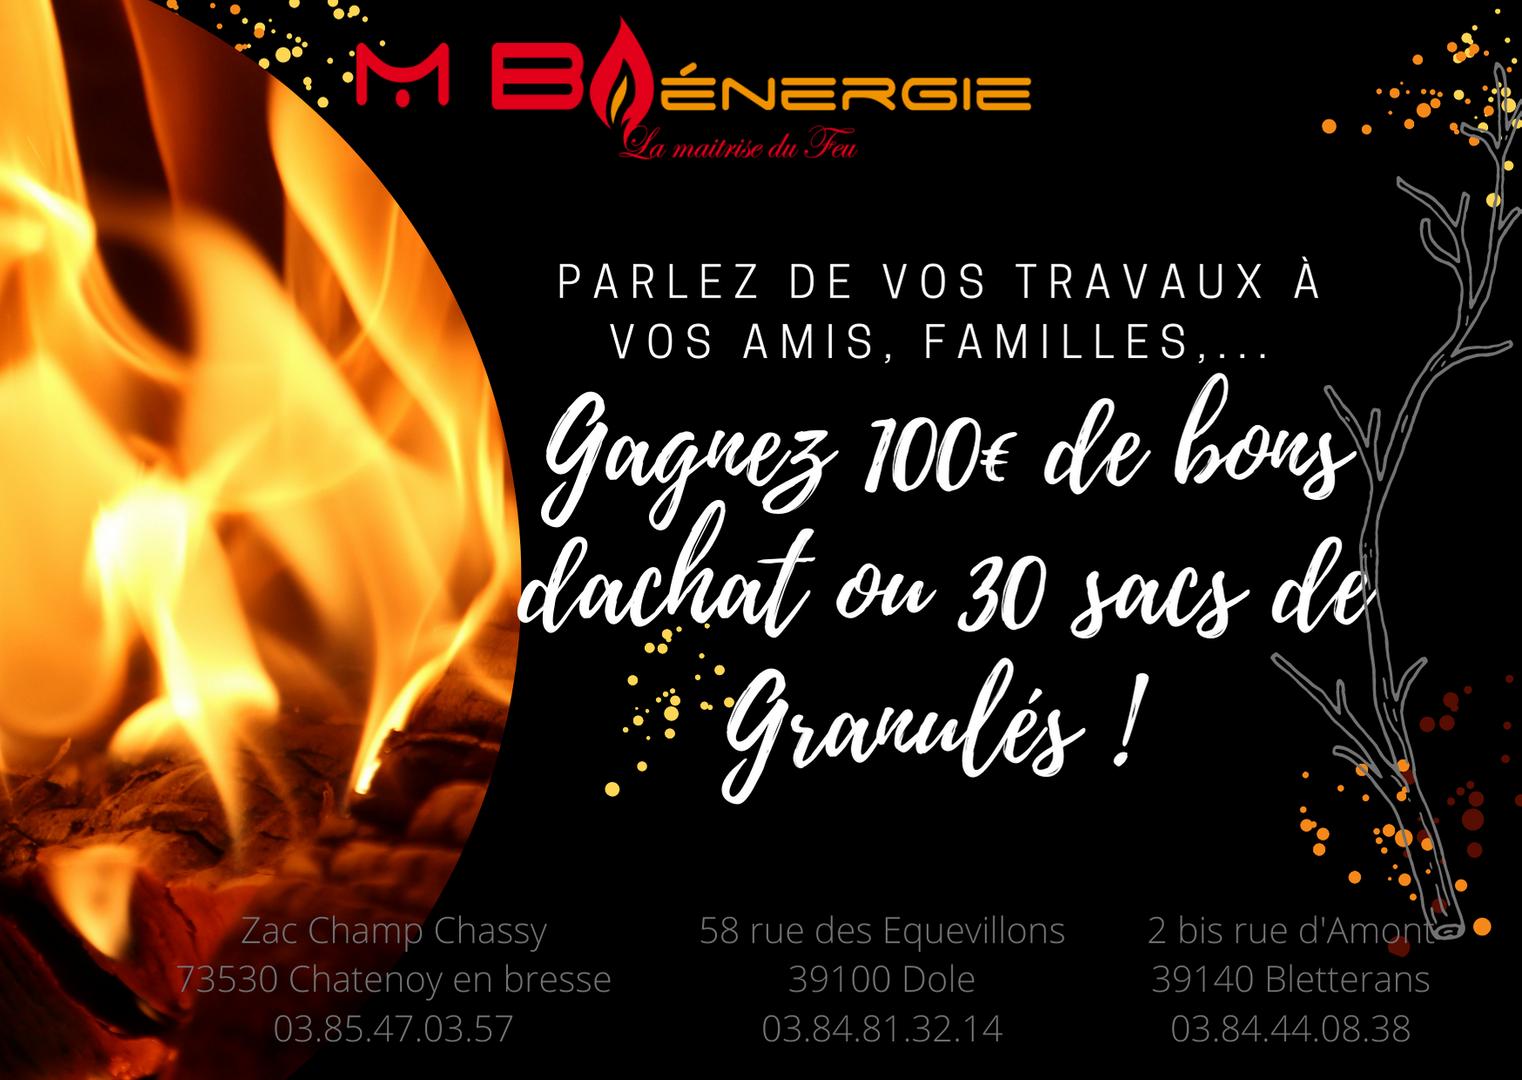 MB Energie1.png